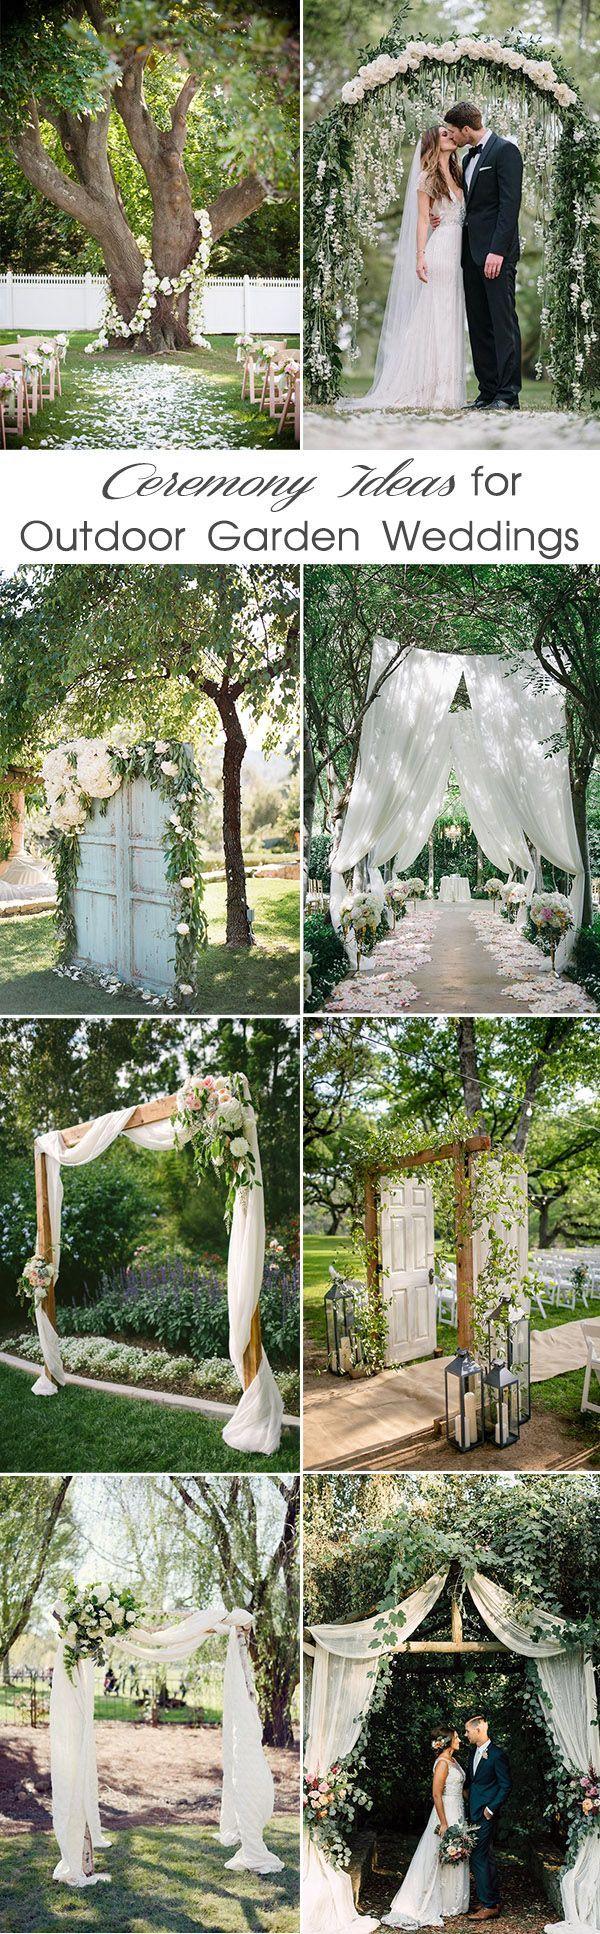 inspirerende outdoor tuin huwelijksceremonie ideeën